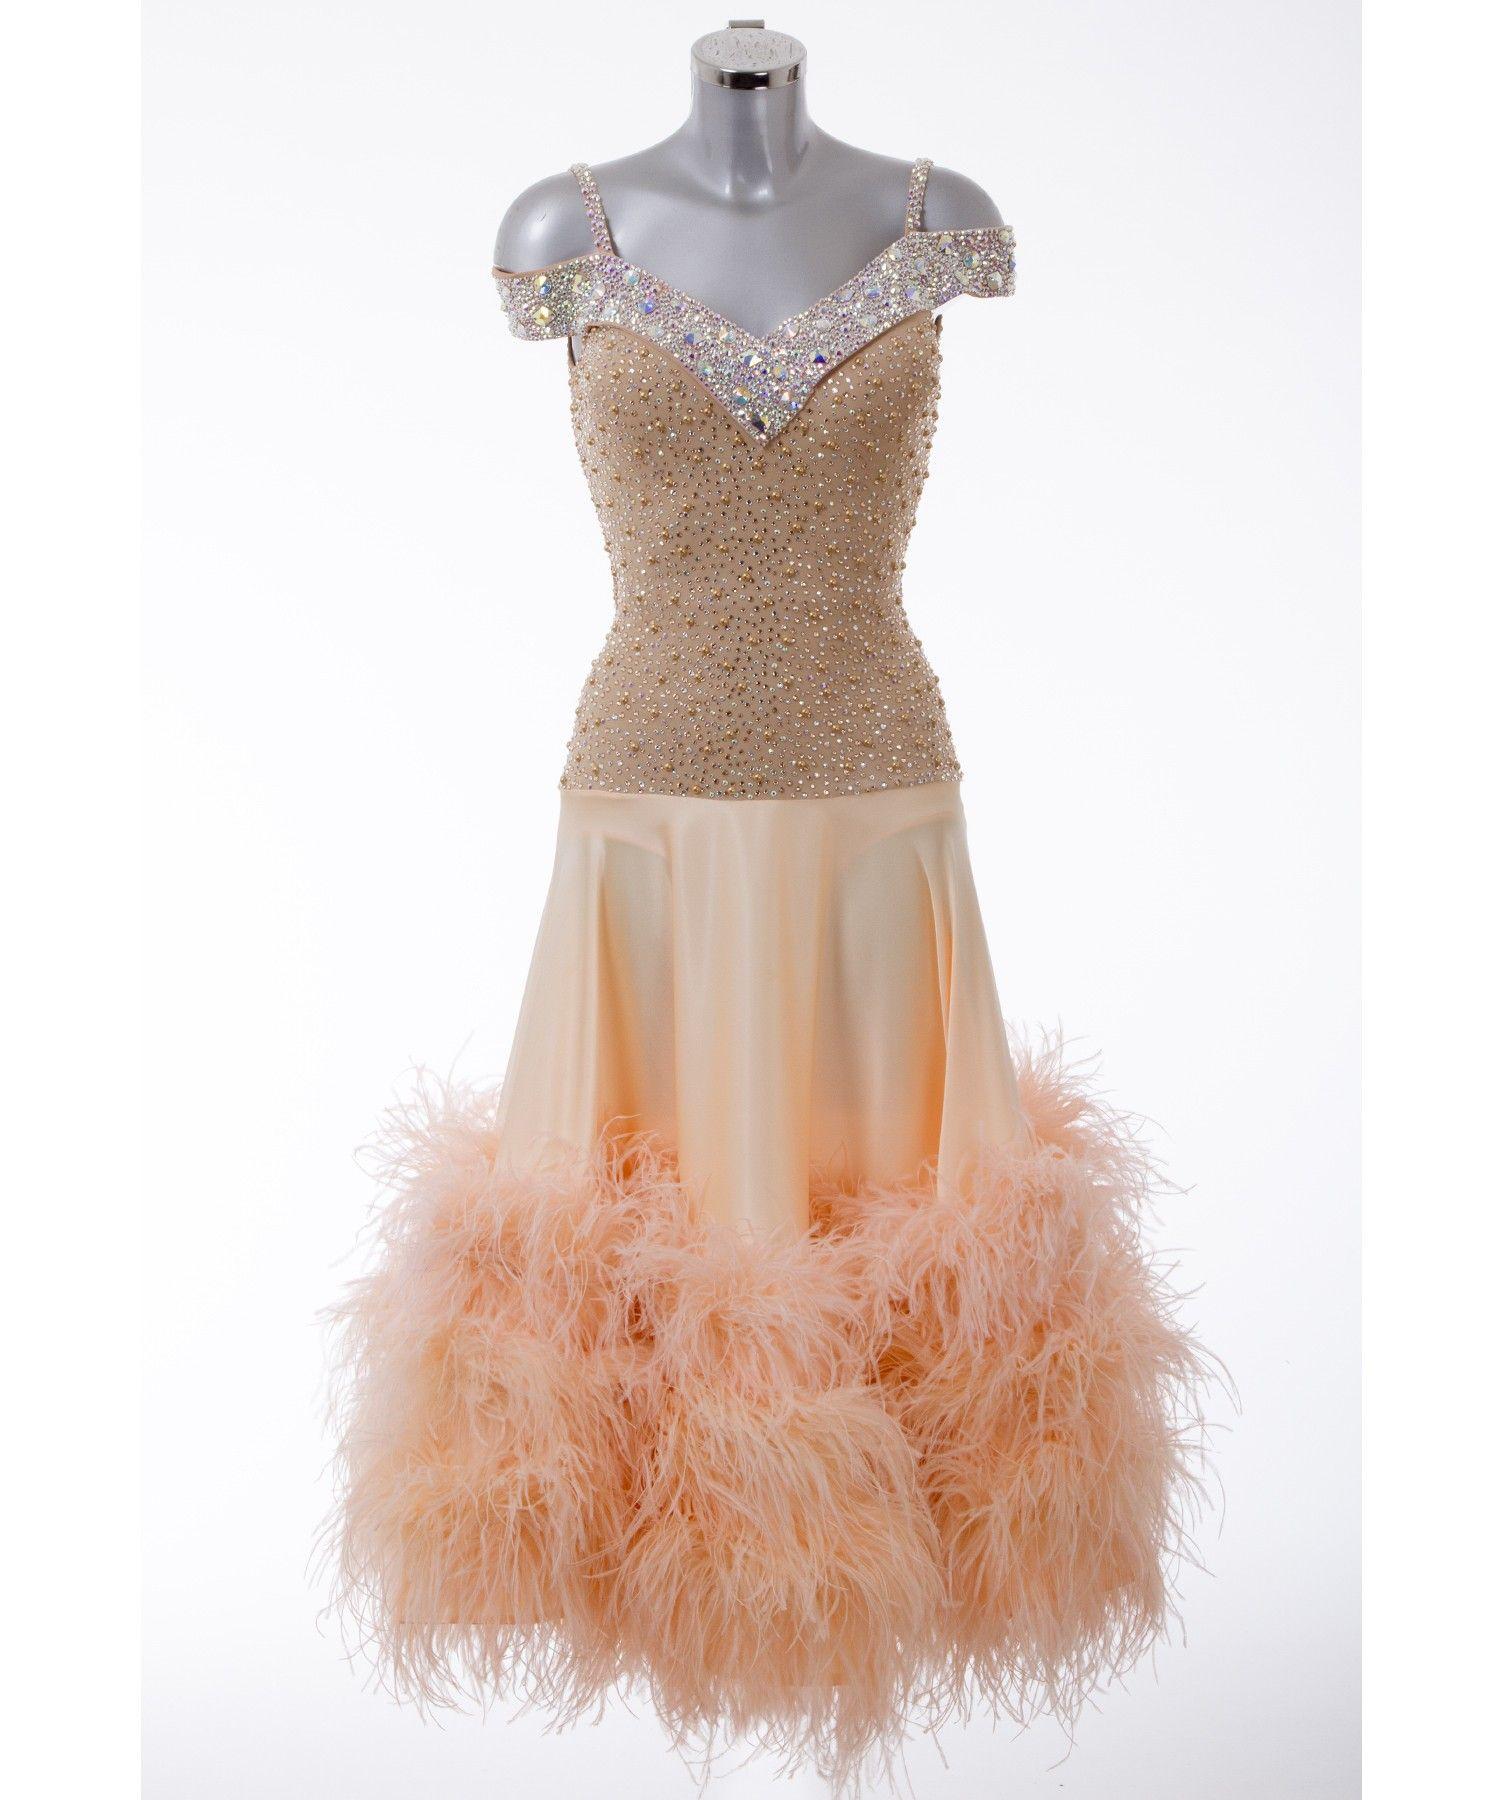 396326 Champagne Ballroom Dress | Ballroom dresses for ...